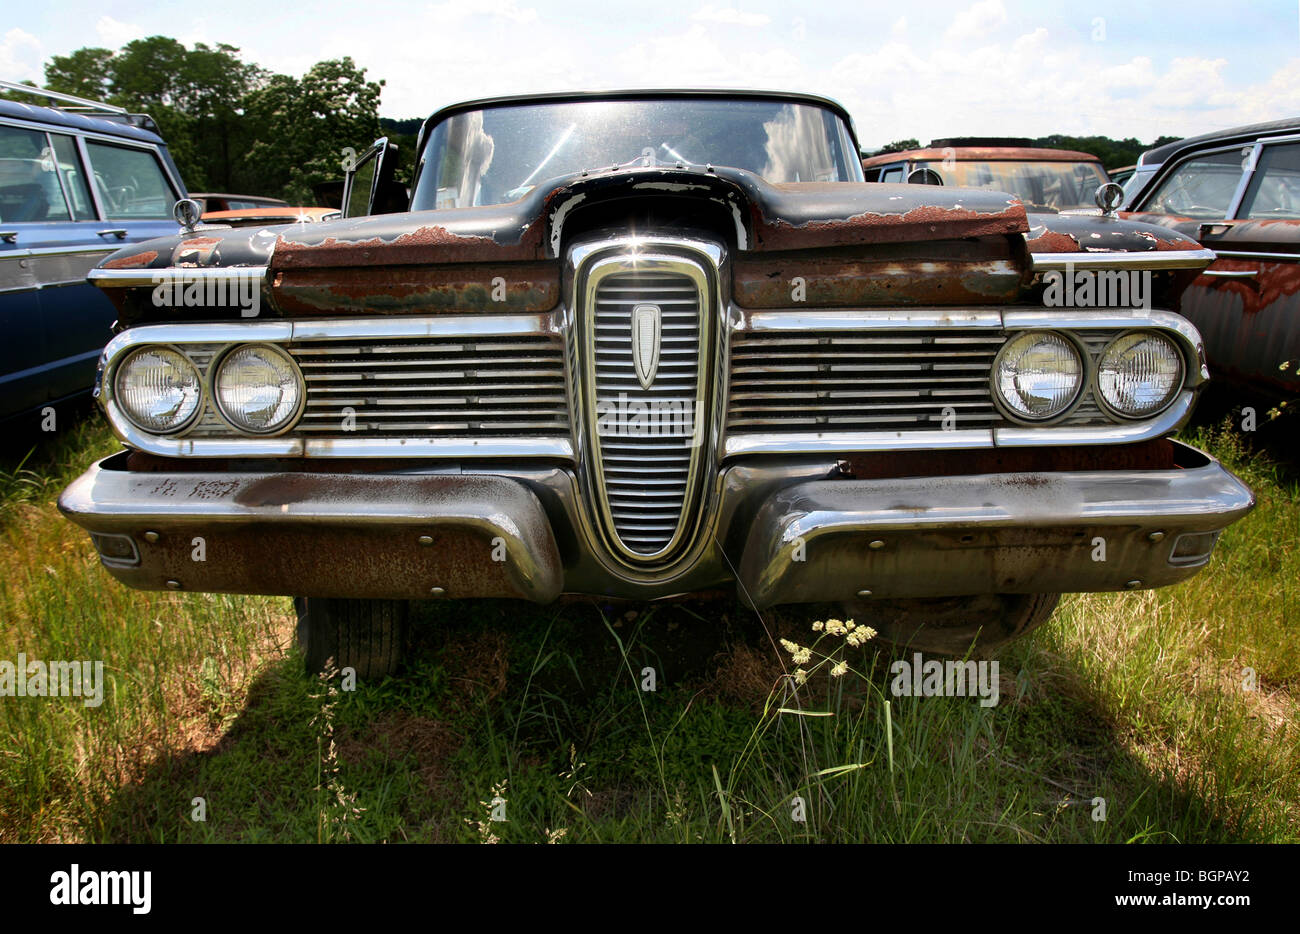 Classic Car Junk Yard Scrap Stock Photos & Classic Car Junk Yard ...